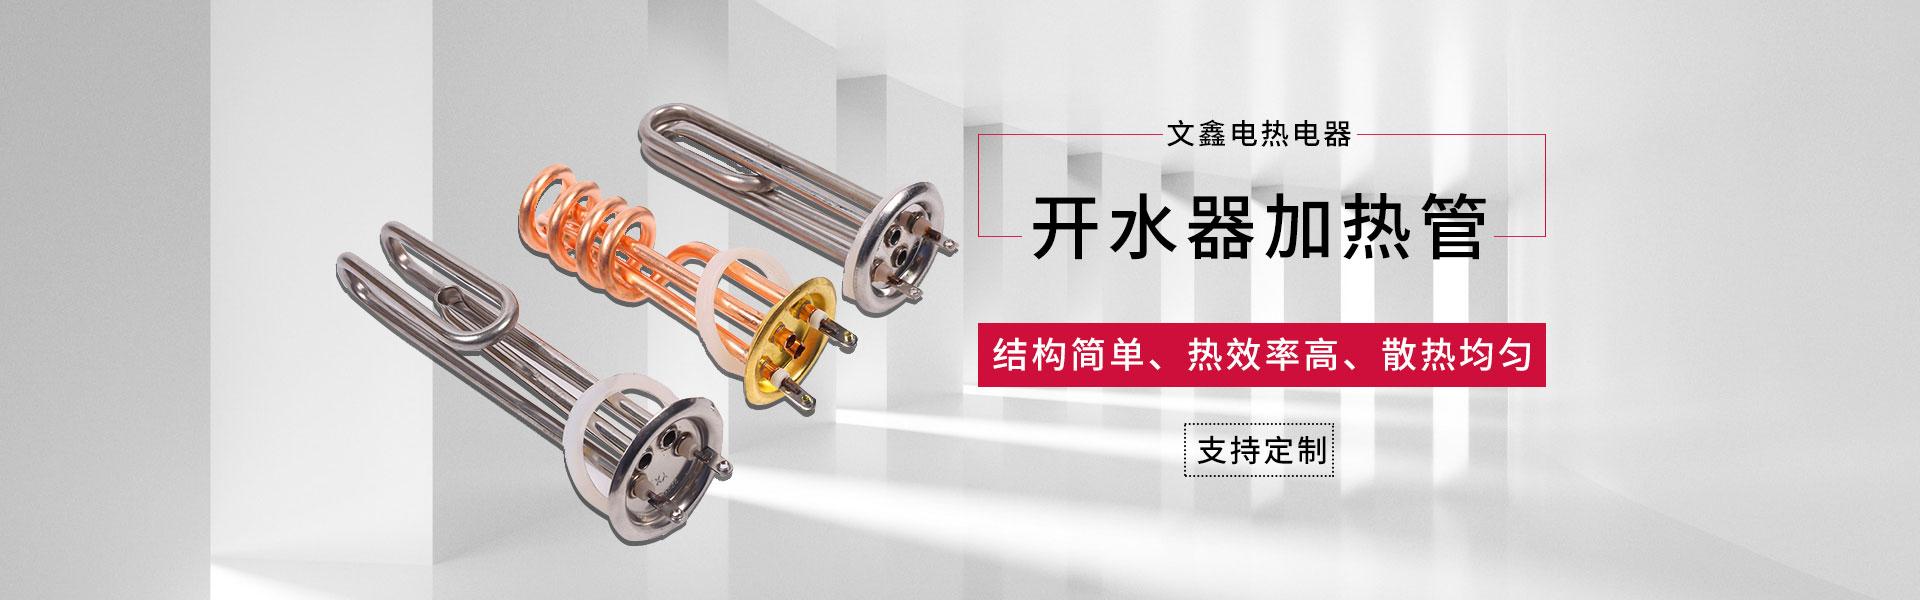 兴化市文鑫电热电器有限公司